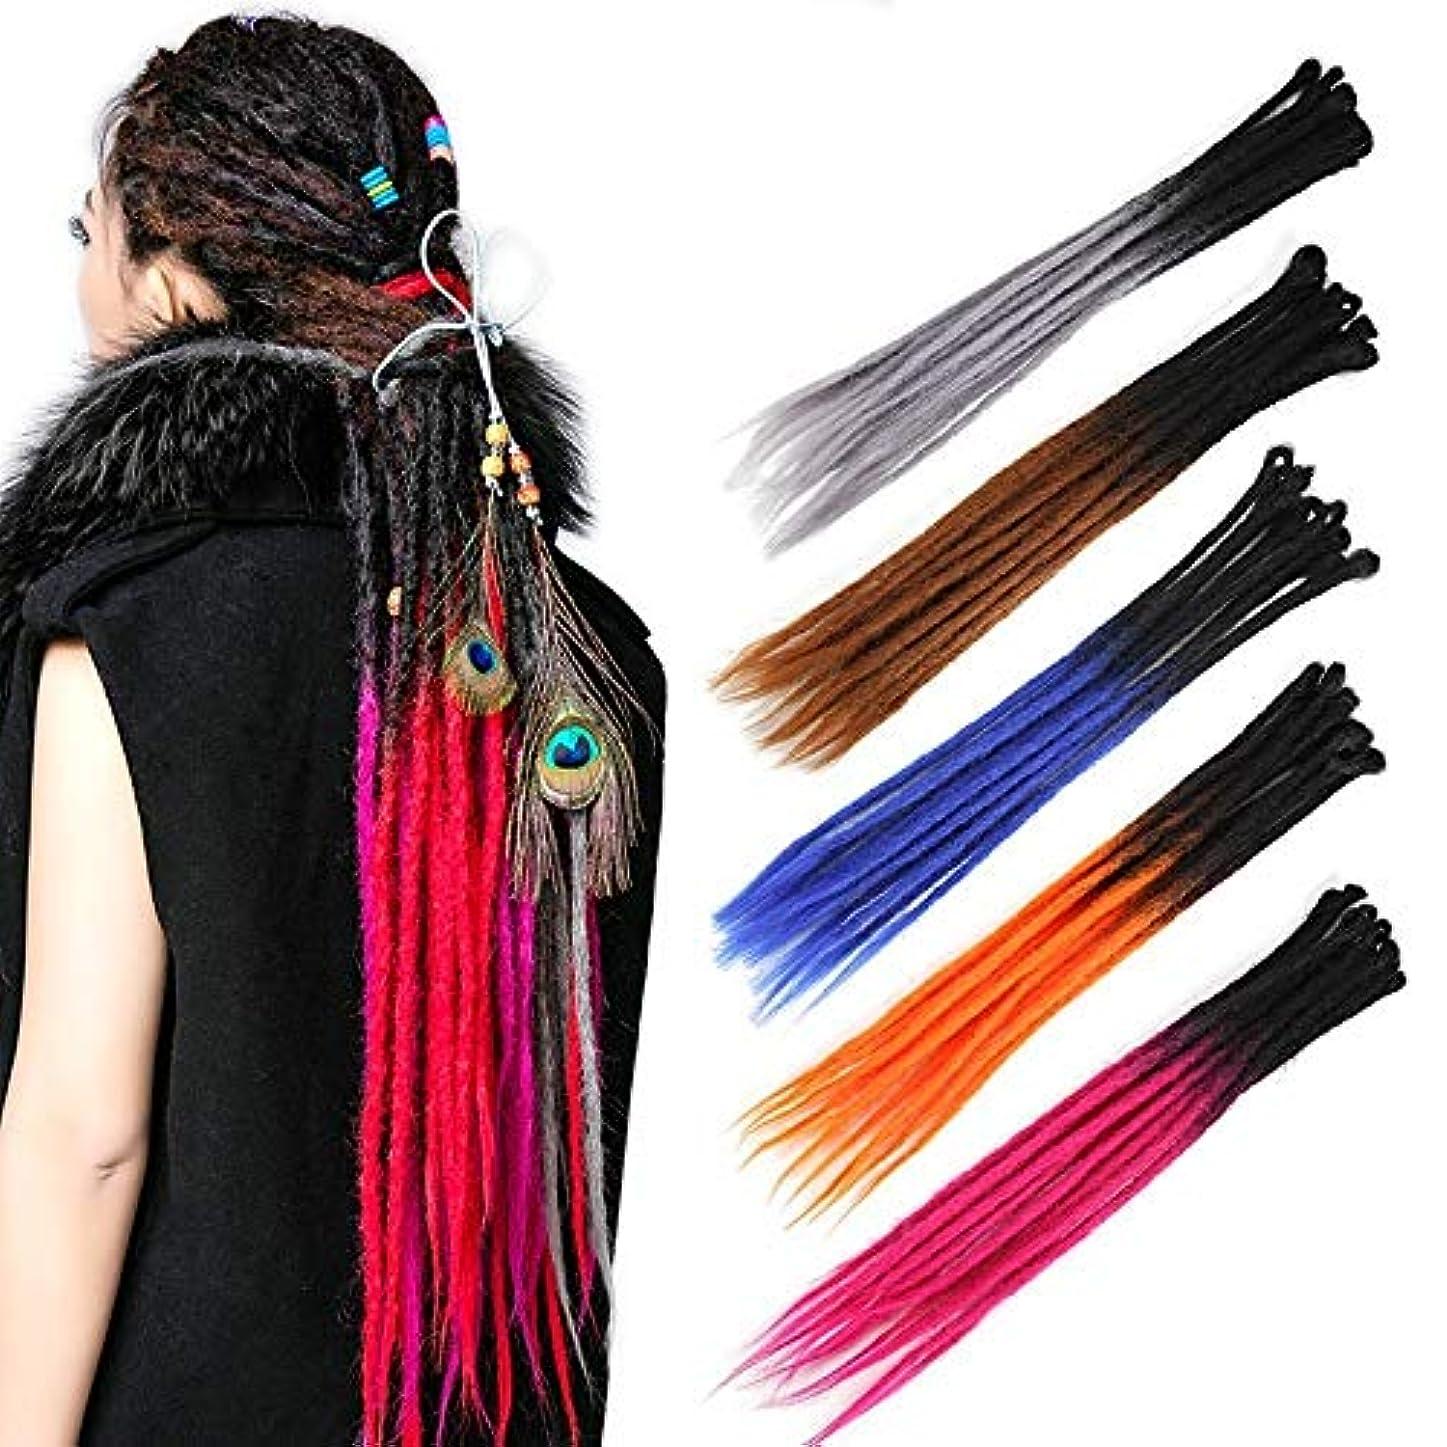 まさに高尚な人柄レディース ヘアアクセサリー ヒップホップダンス ヒップホップダンス髪型 ダンサー髪型 ヘアーエクステ 編みこみ 毛束 10ピース